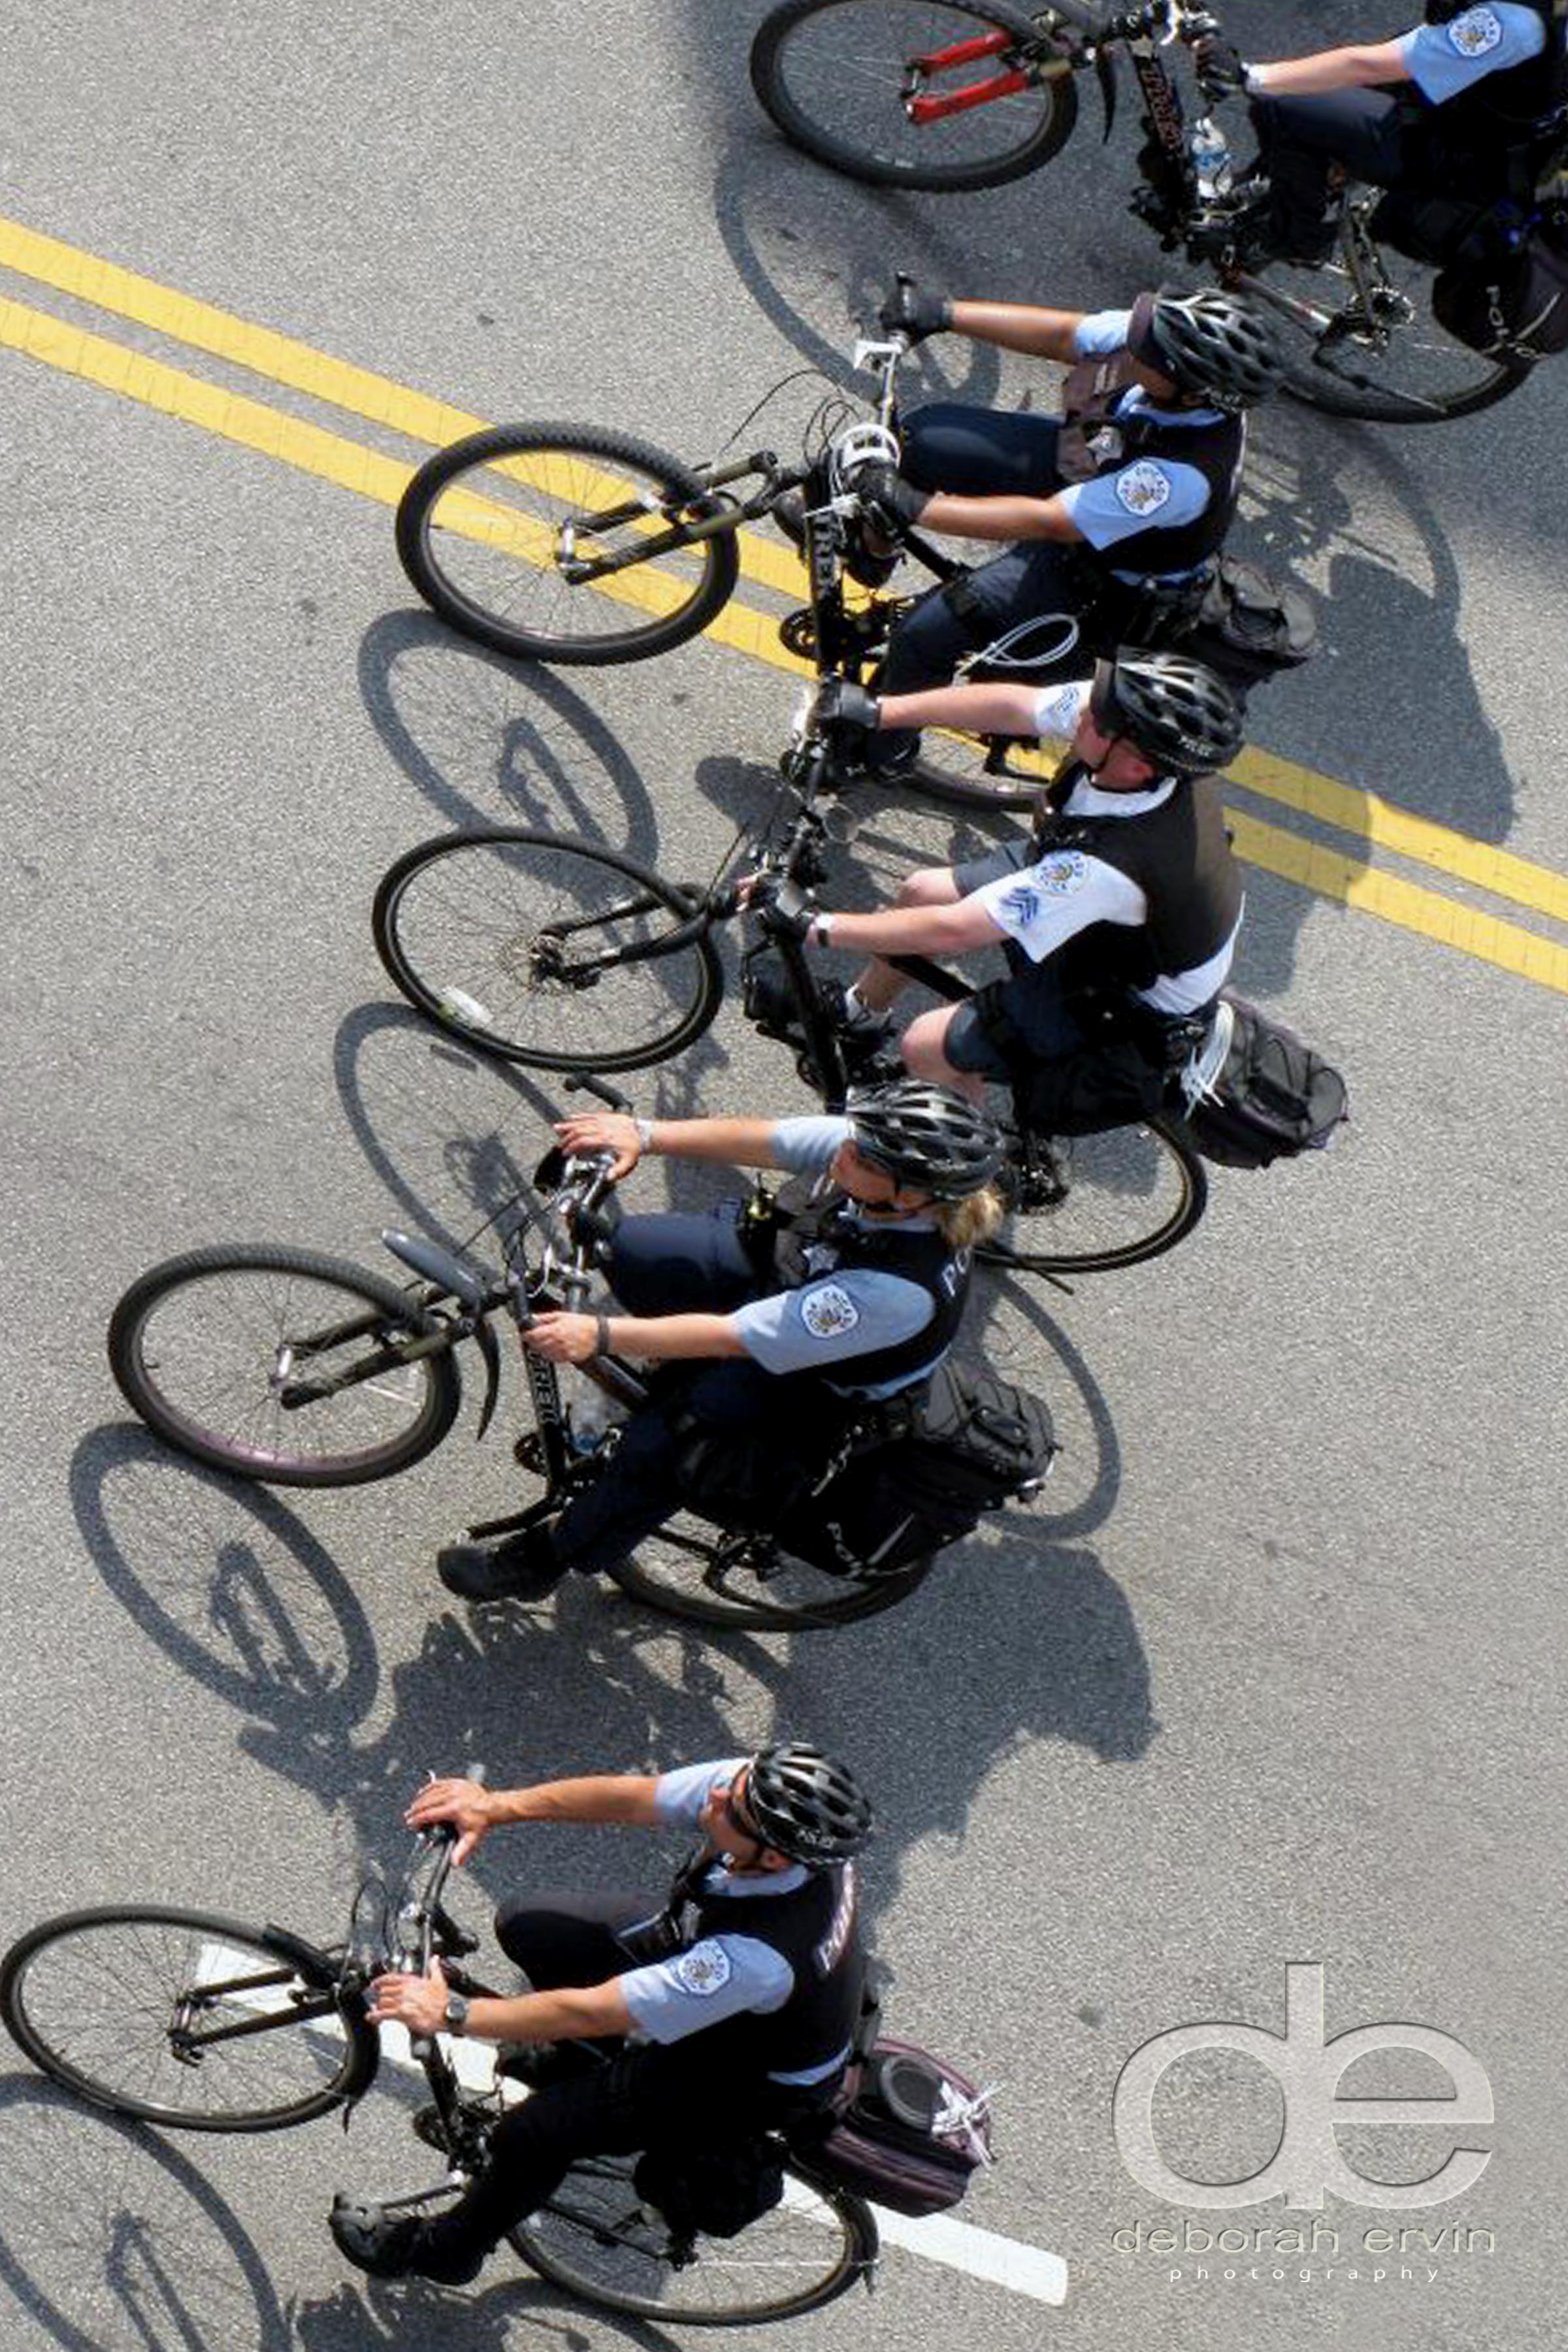 bikecops